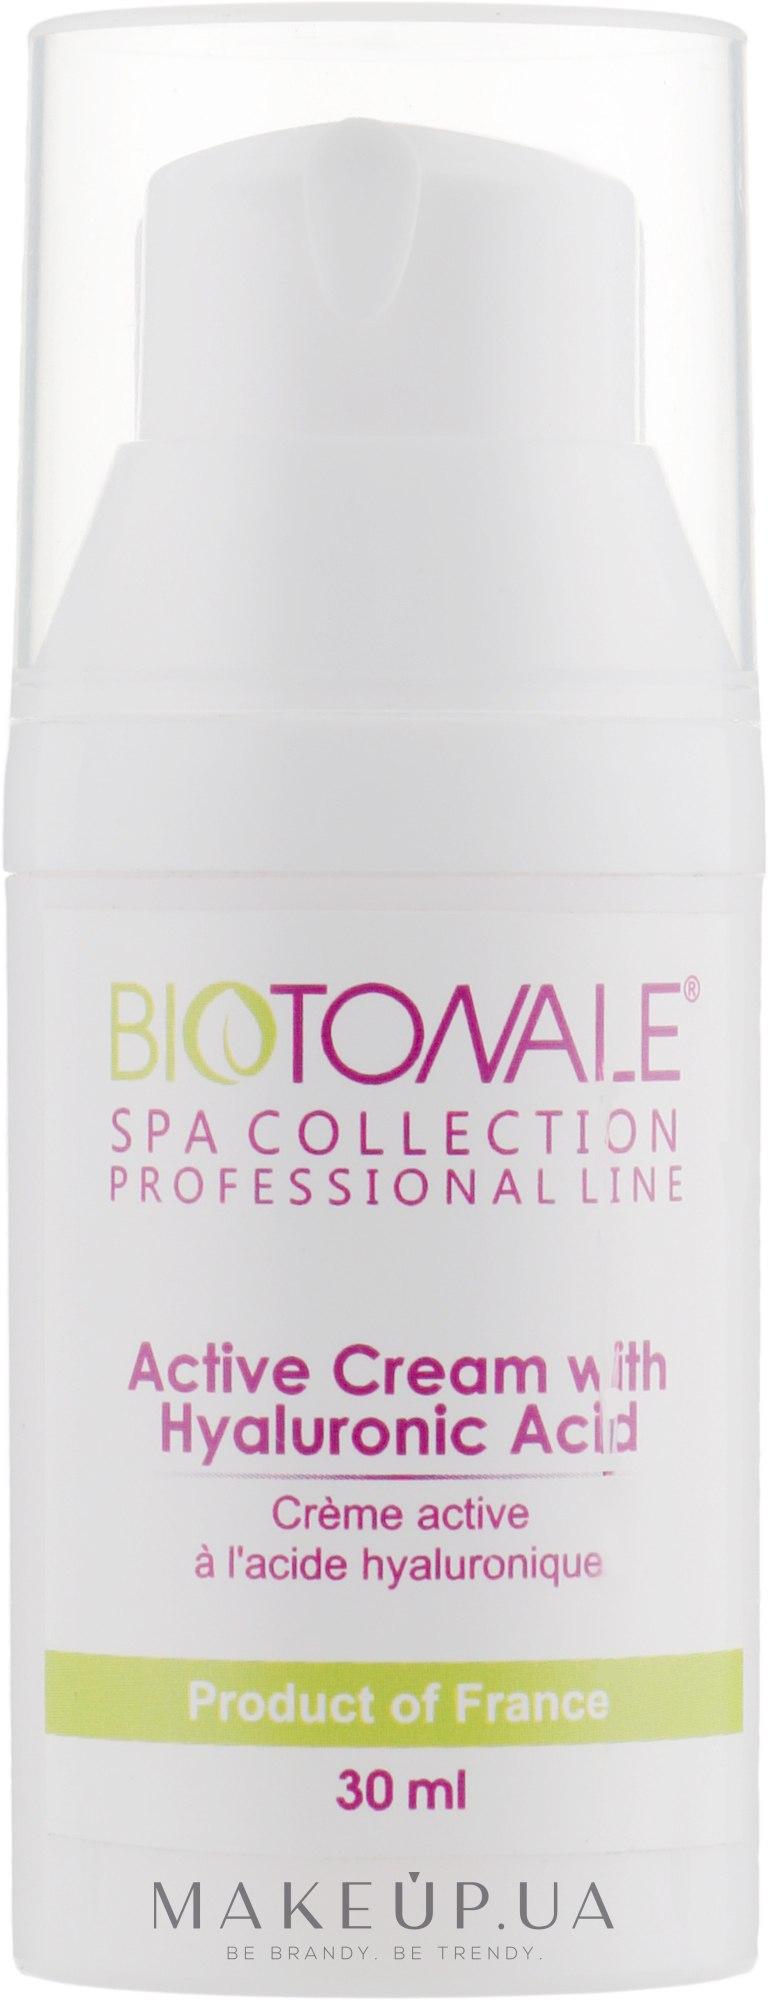 Активный крем с гиалуроновой кислотой - Biotonale Hyaluronic Acid Active Cream — фото 30ml